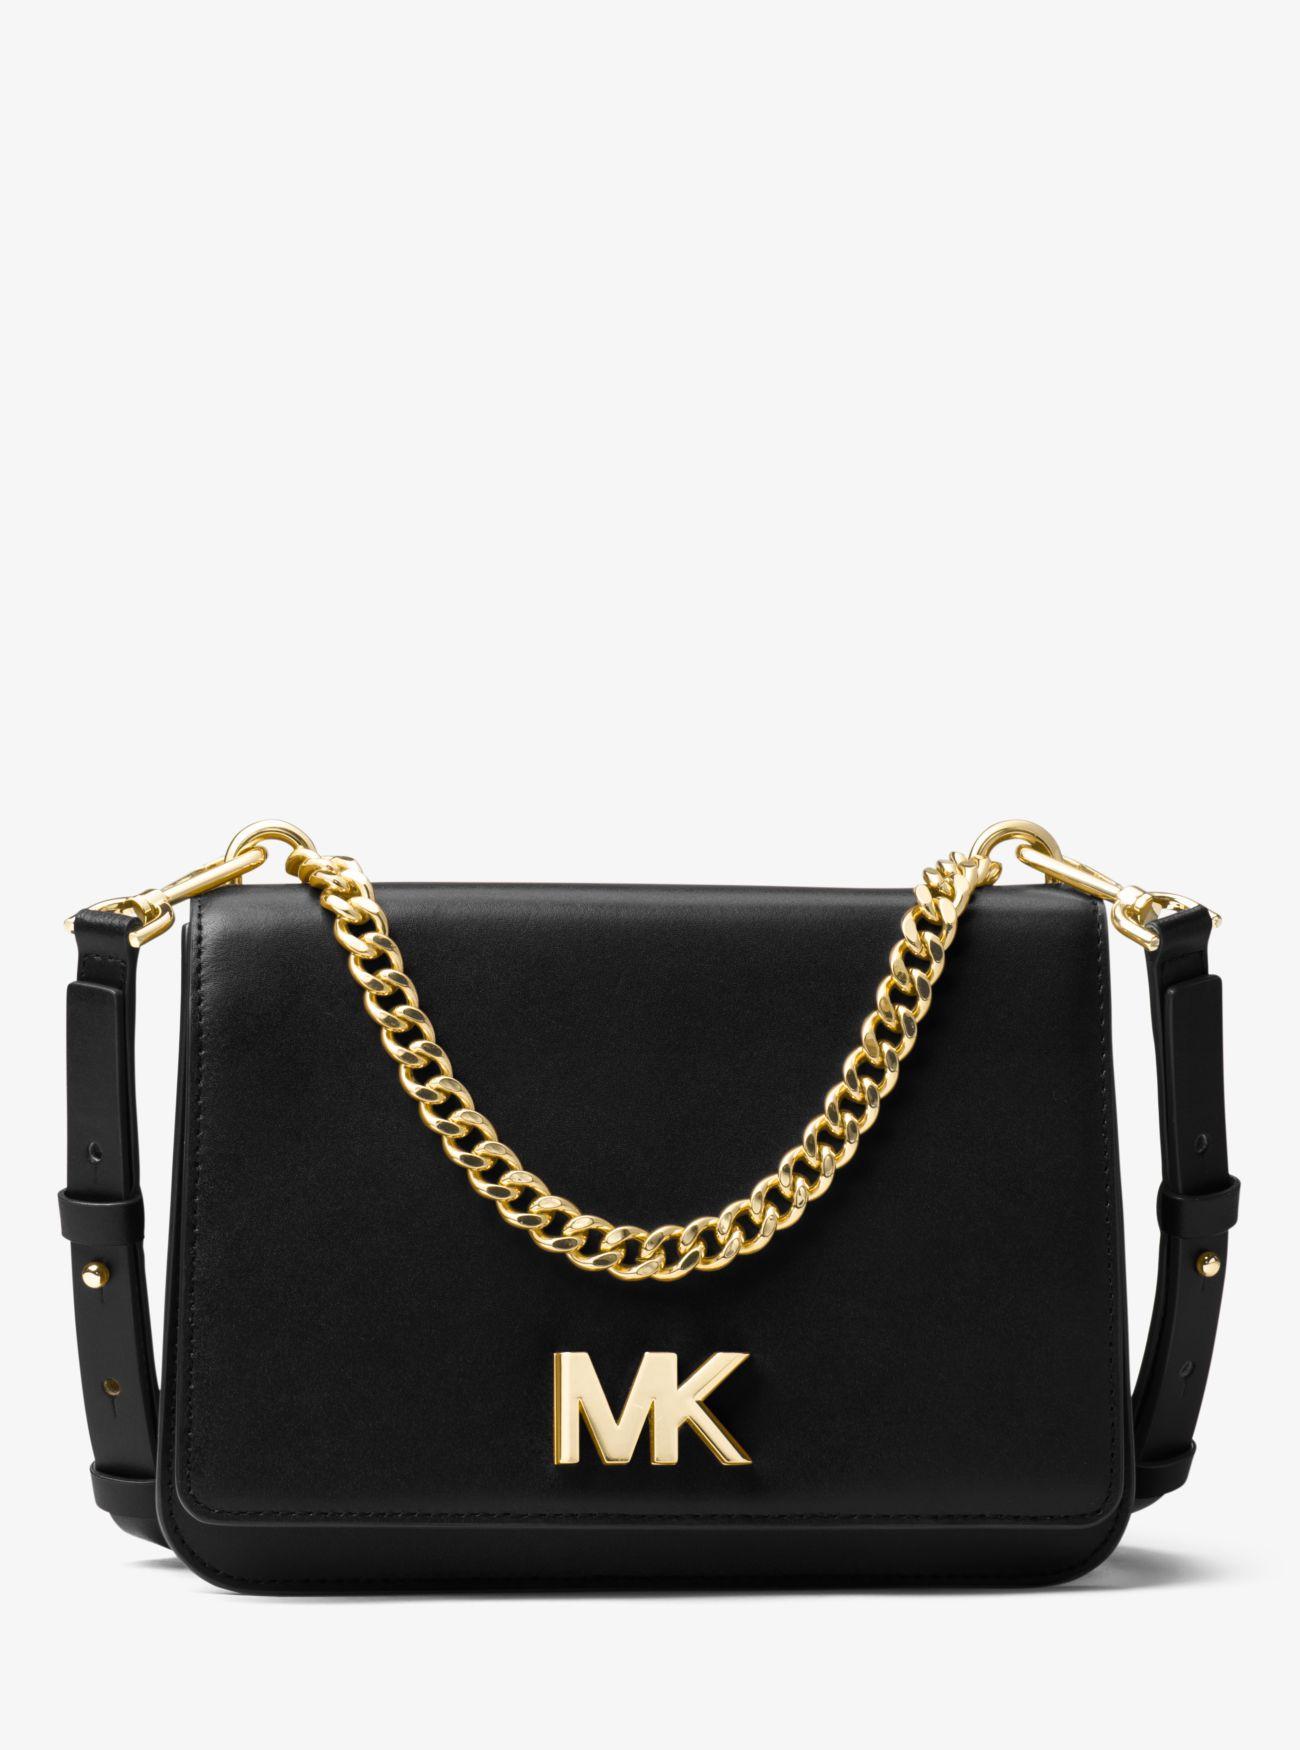 b2e48e43391e Michael Kors Mott Leather Crossbody Bag in Black - Lyst